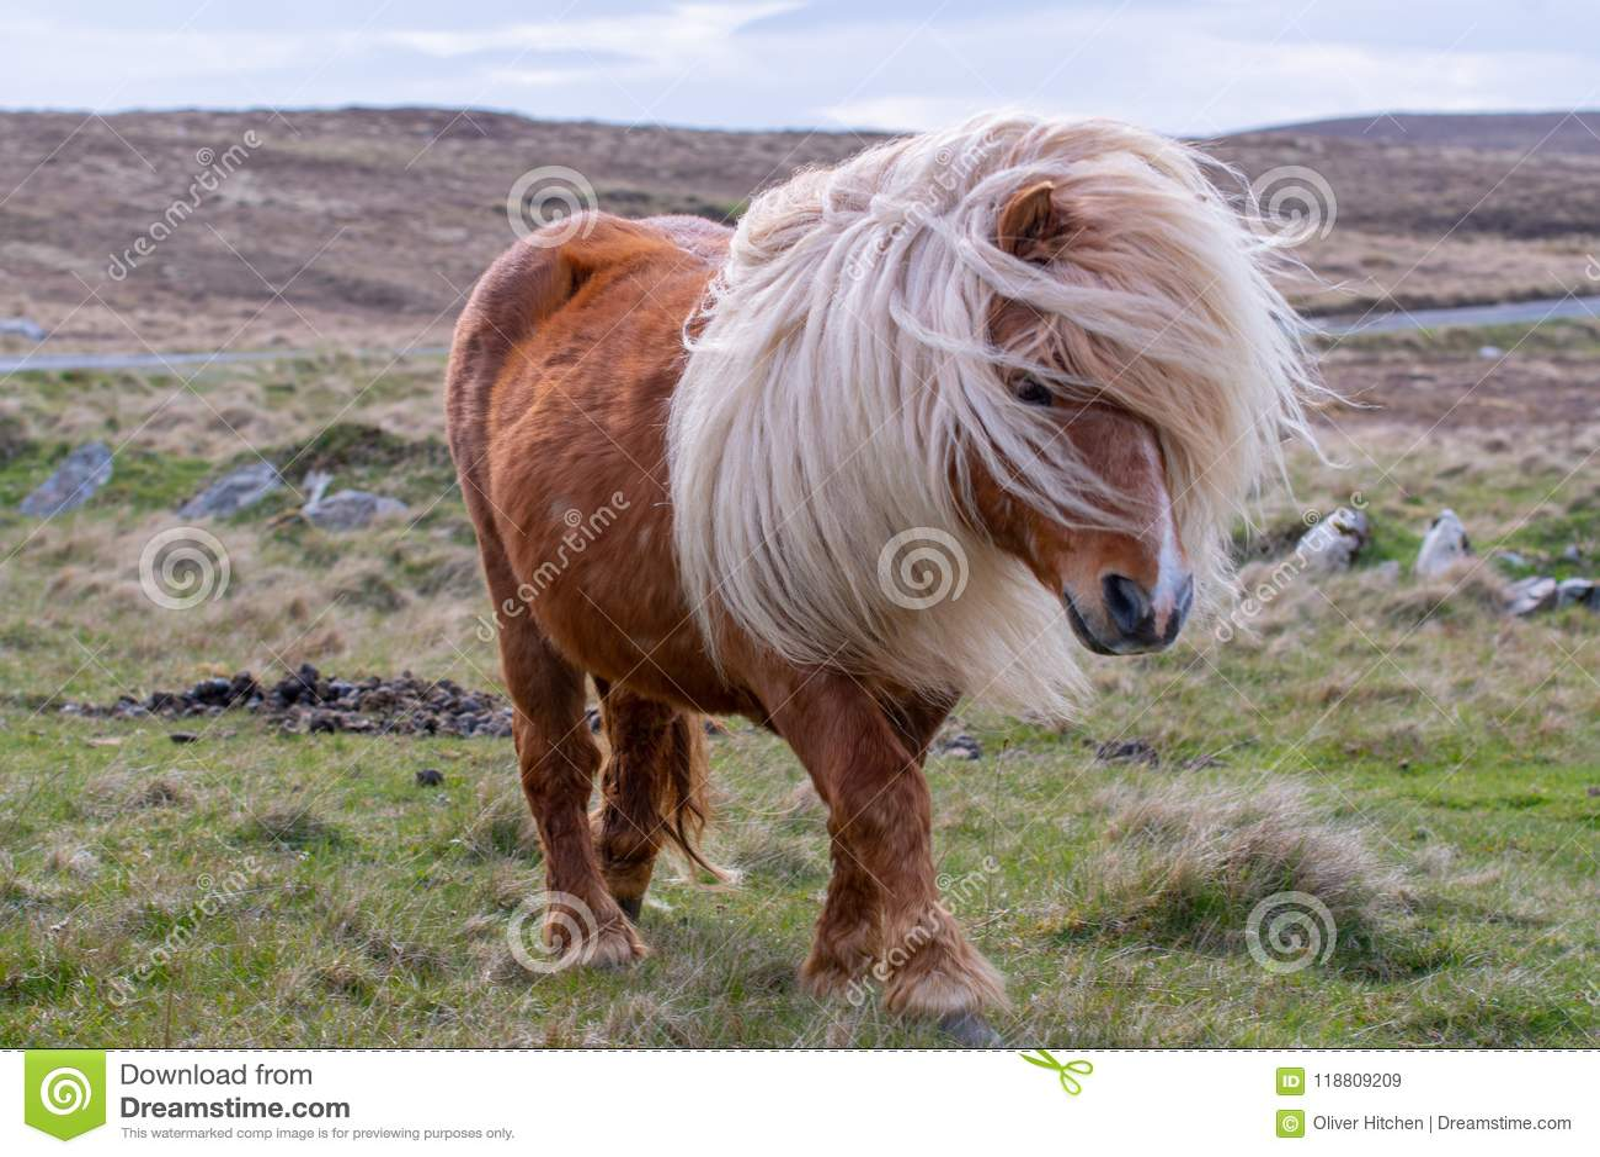 Un retrato de un potro de Shetland solitario en un escocés la amarra en